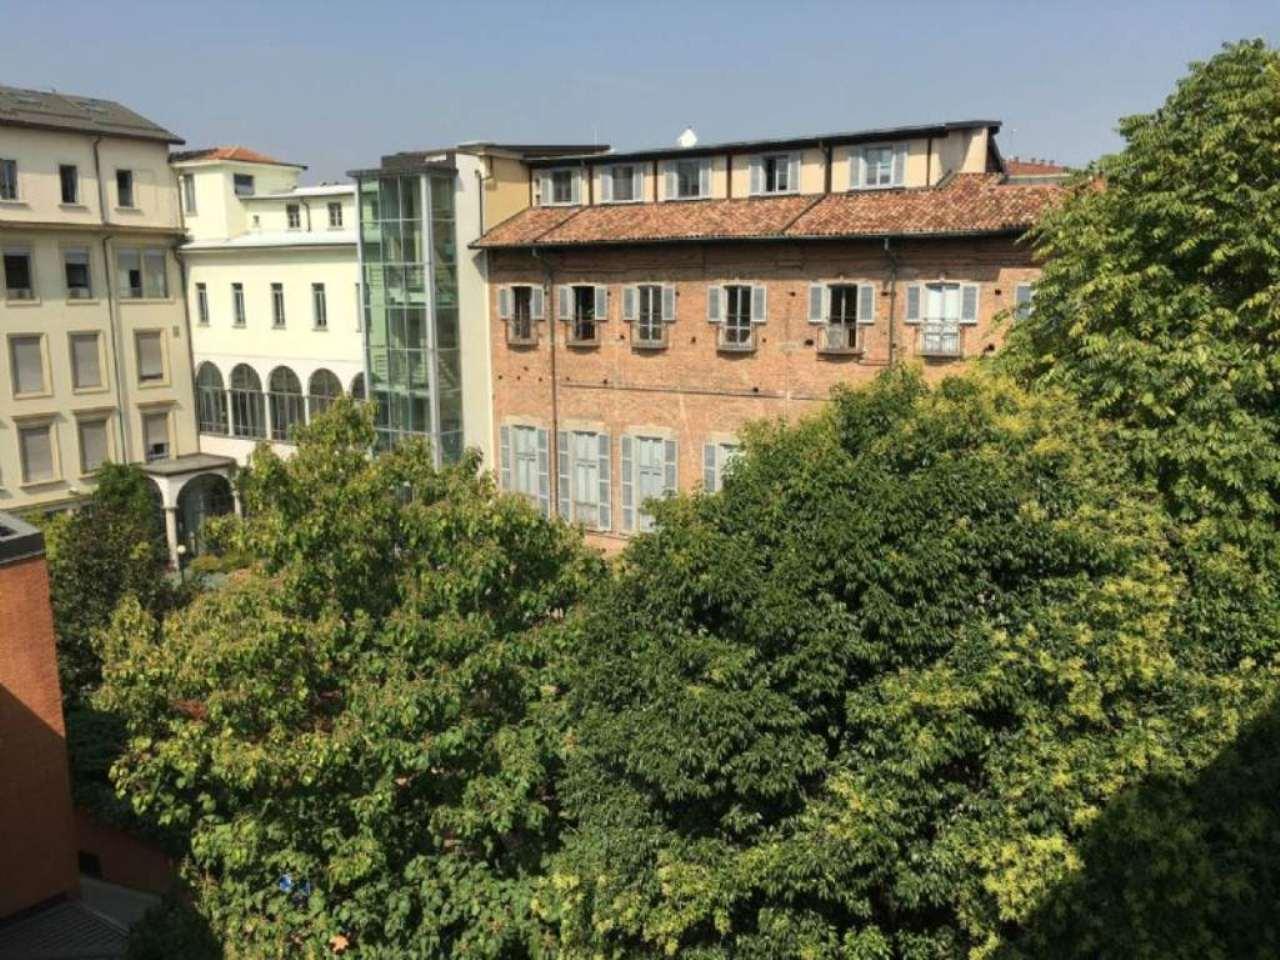 Appartamento in affitto a Milano, 6 locali, zona Zona: 1 . Centro Storico, Duomo, Brera, Cadorna, Cattolica, prezzo € 10.000 | Cambio Casa.it